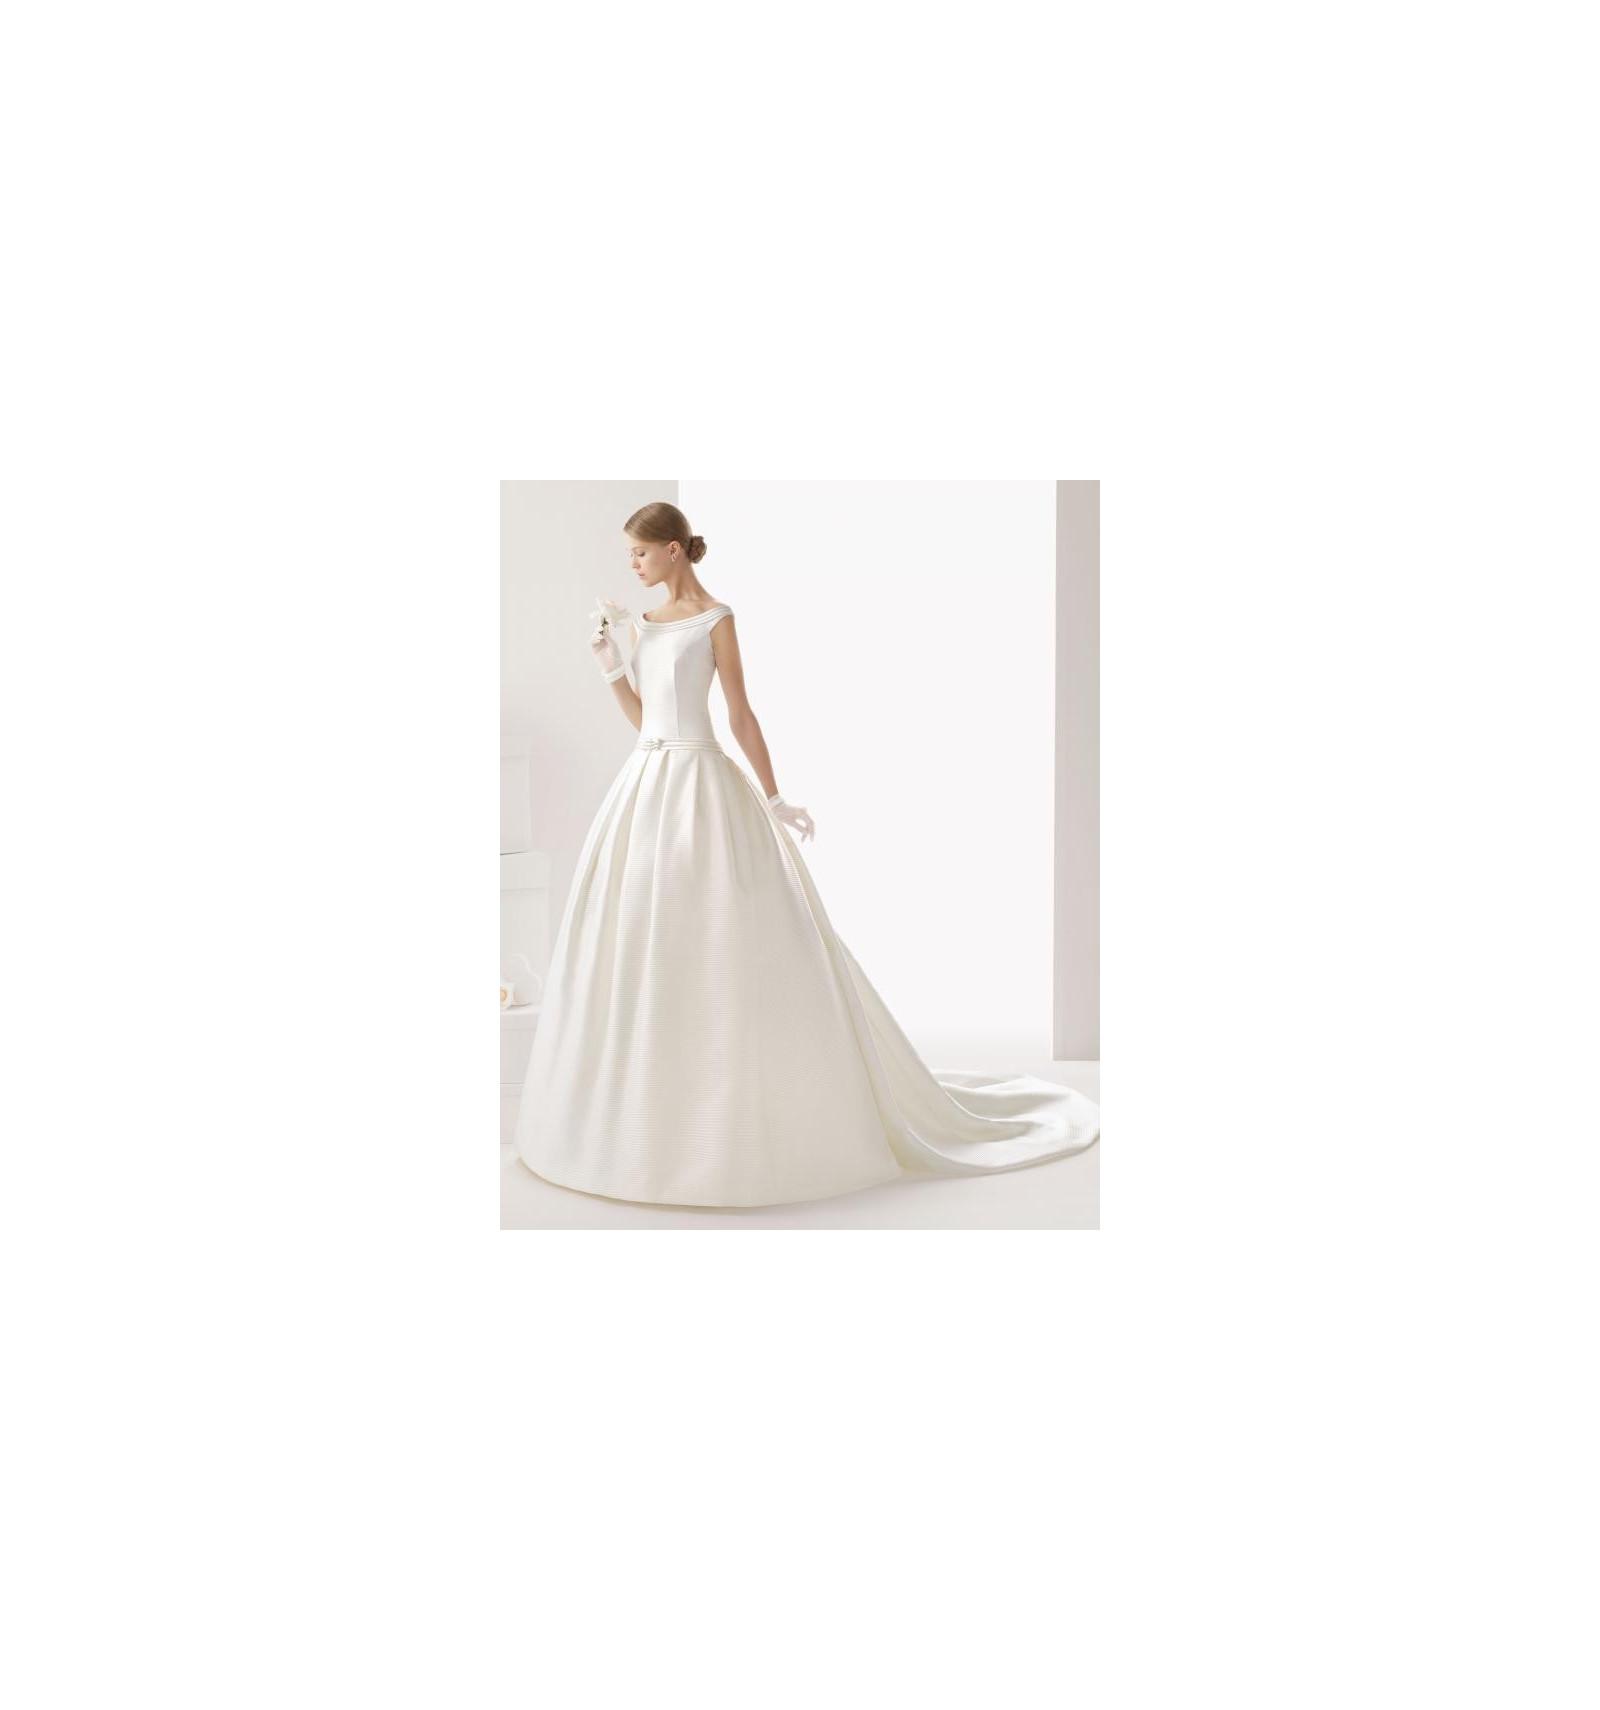 Robe de mariée - dépôt-vente de robes de mariée paris lyon